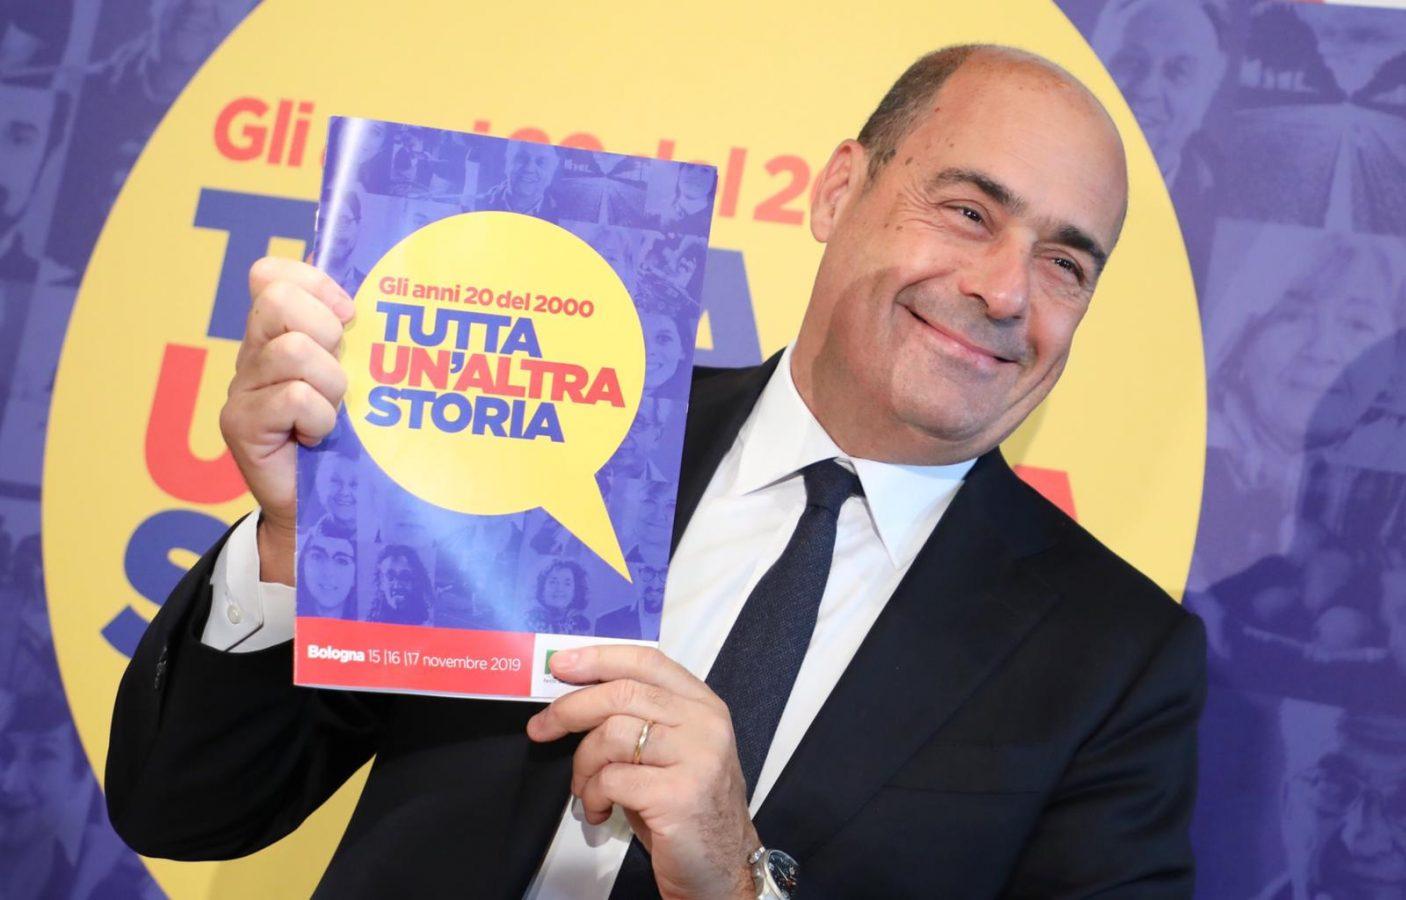 Verso la tre giorni di Bologna: Cuperlo a Milano il 26/10